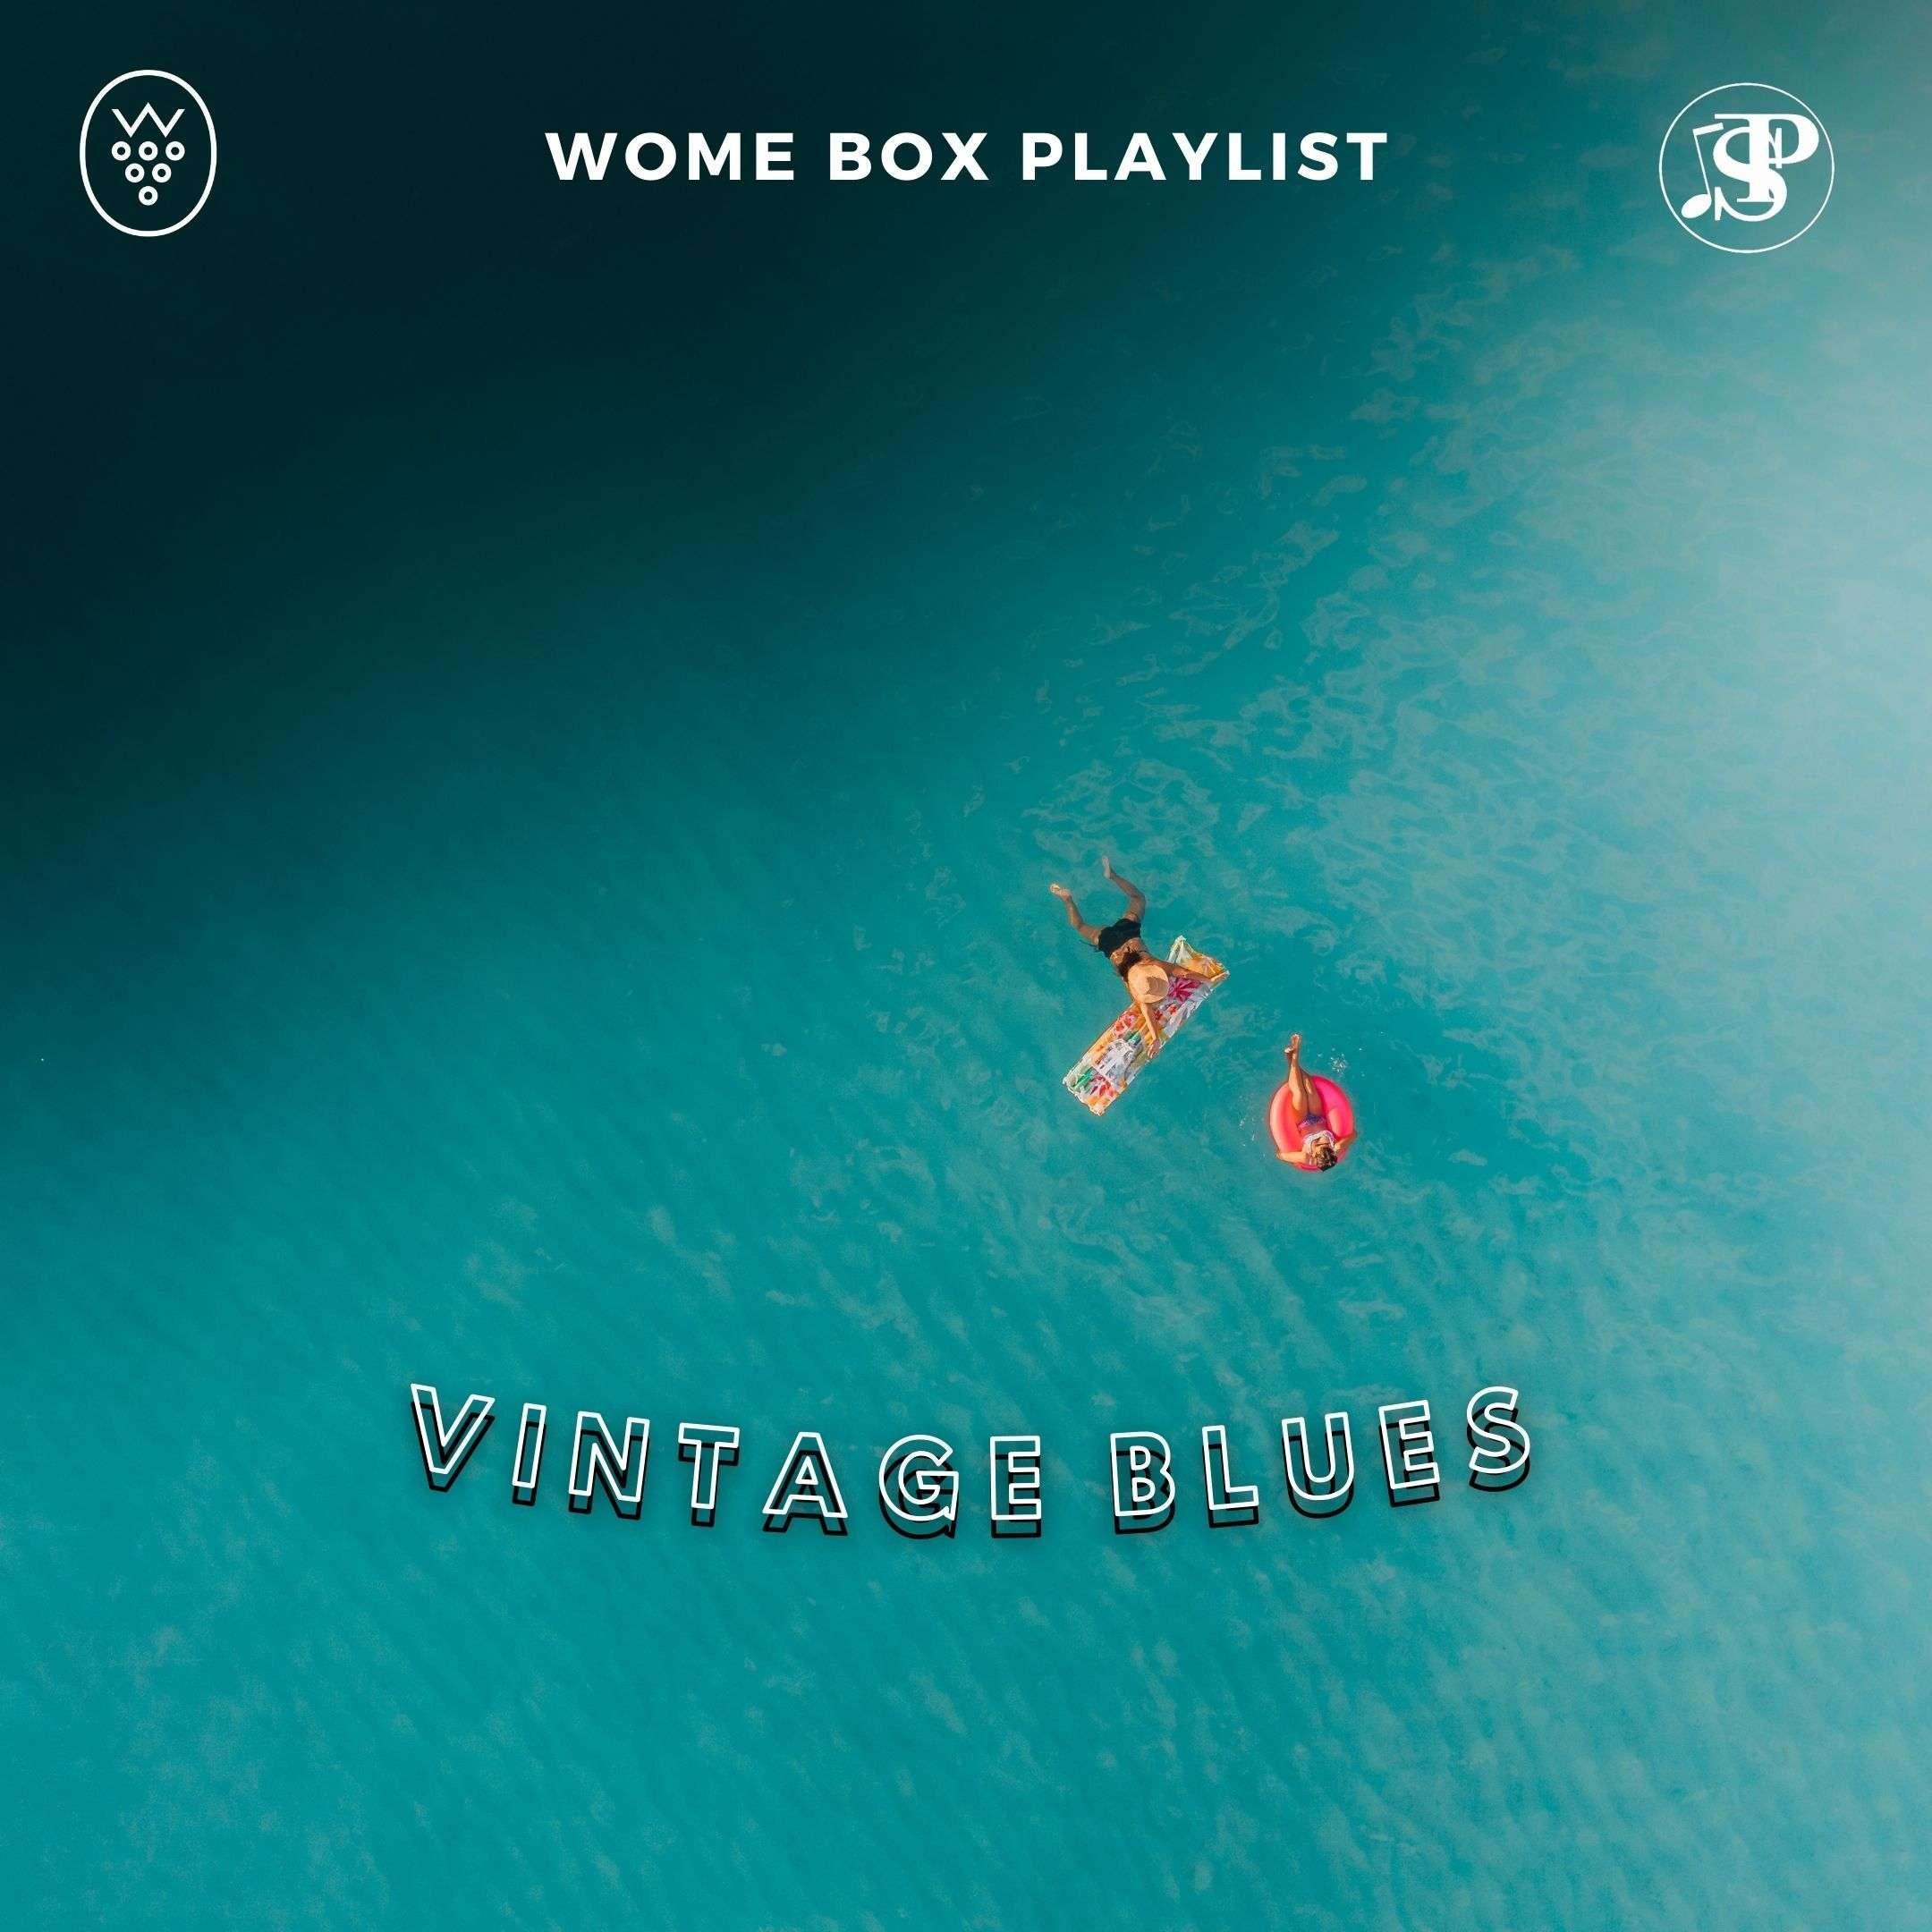 spotify playlist by djjohnplayerspecial para o spotify wome box